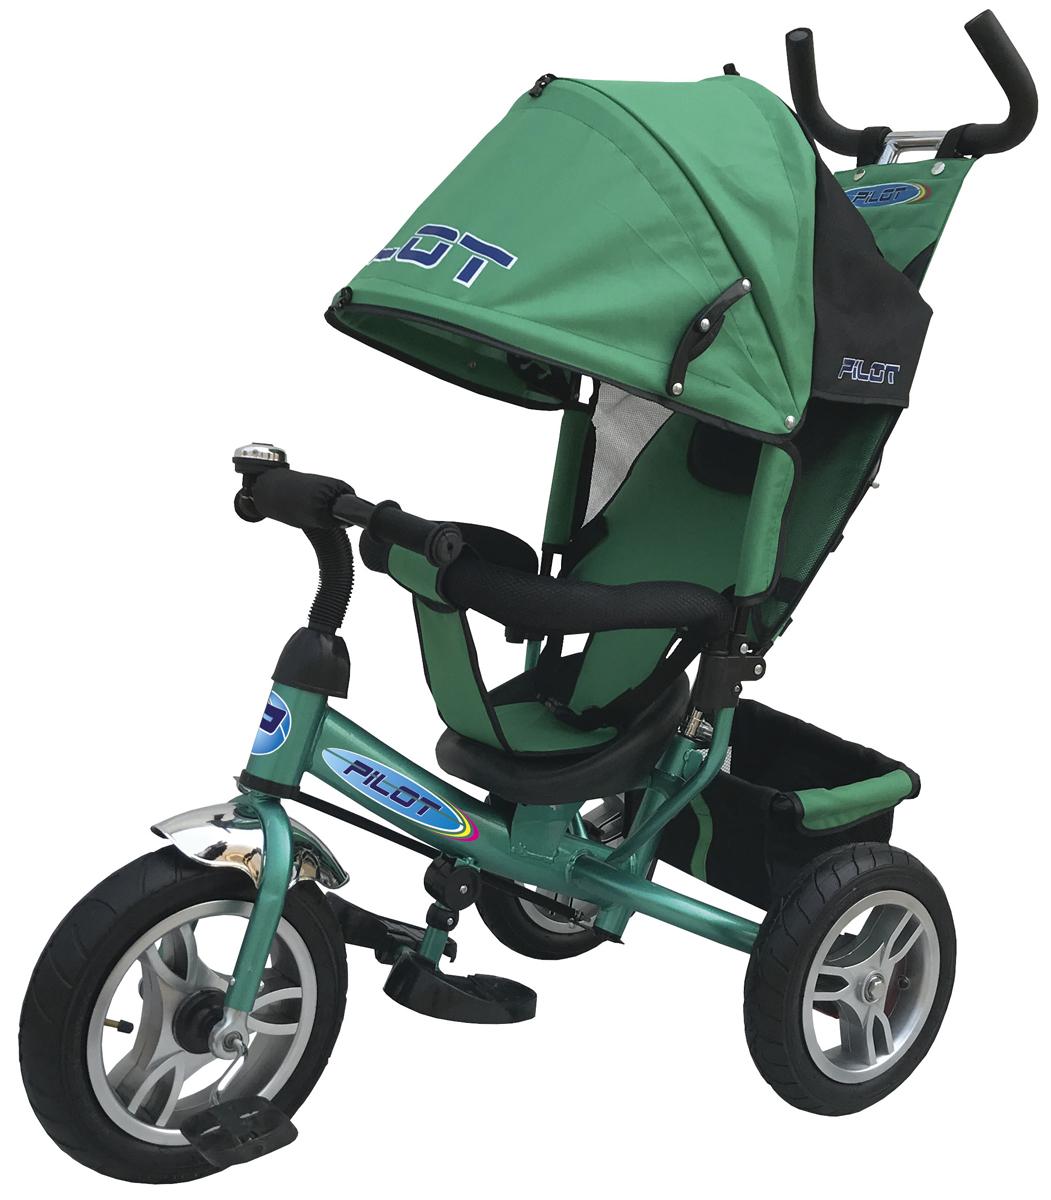 Pilot Велосипед трехколесный цвет зеленый PTA3G велосипед 3 х колесный puky трехколесный велосипед cat 1l capt n sharky